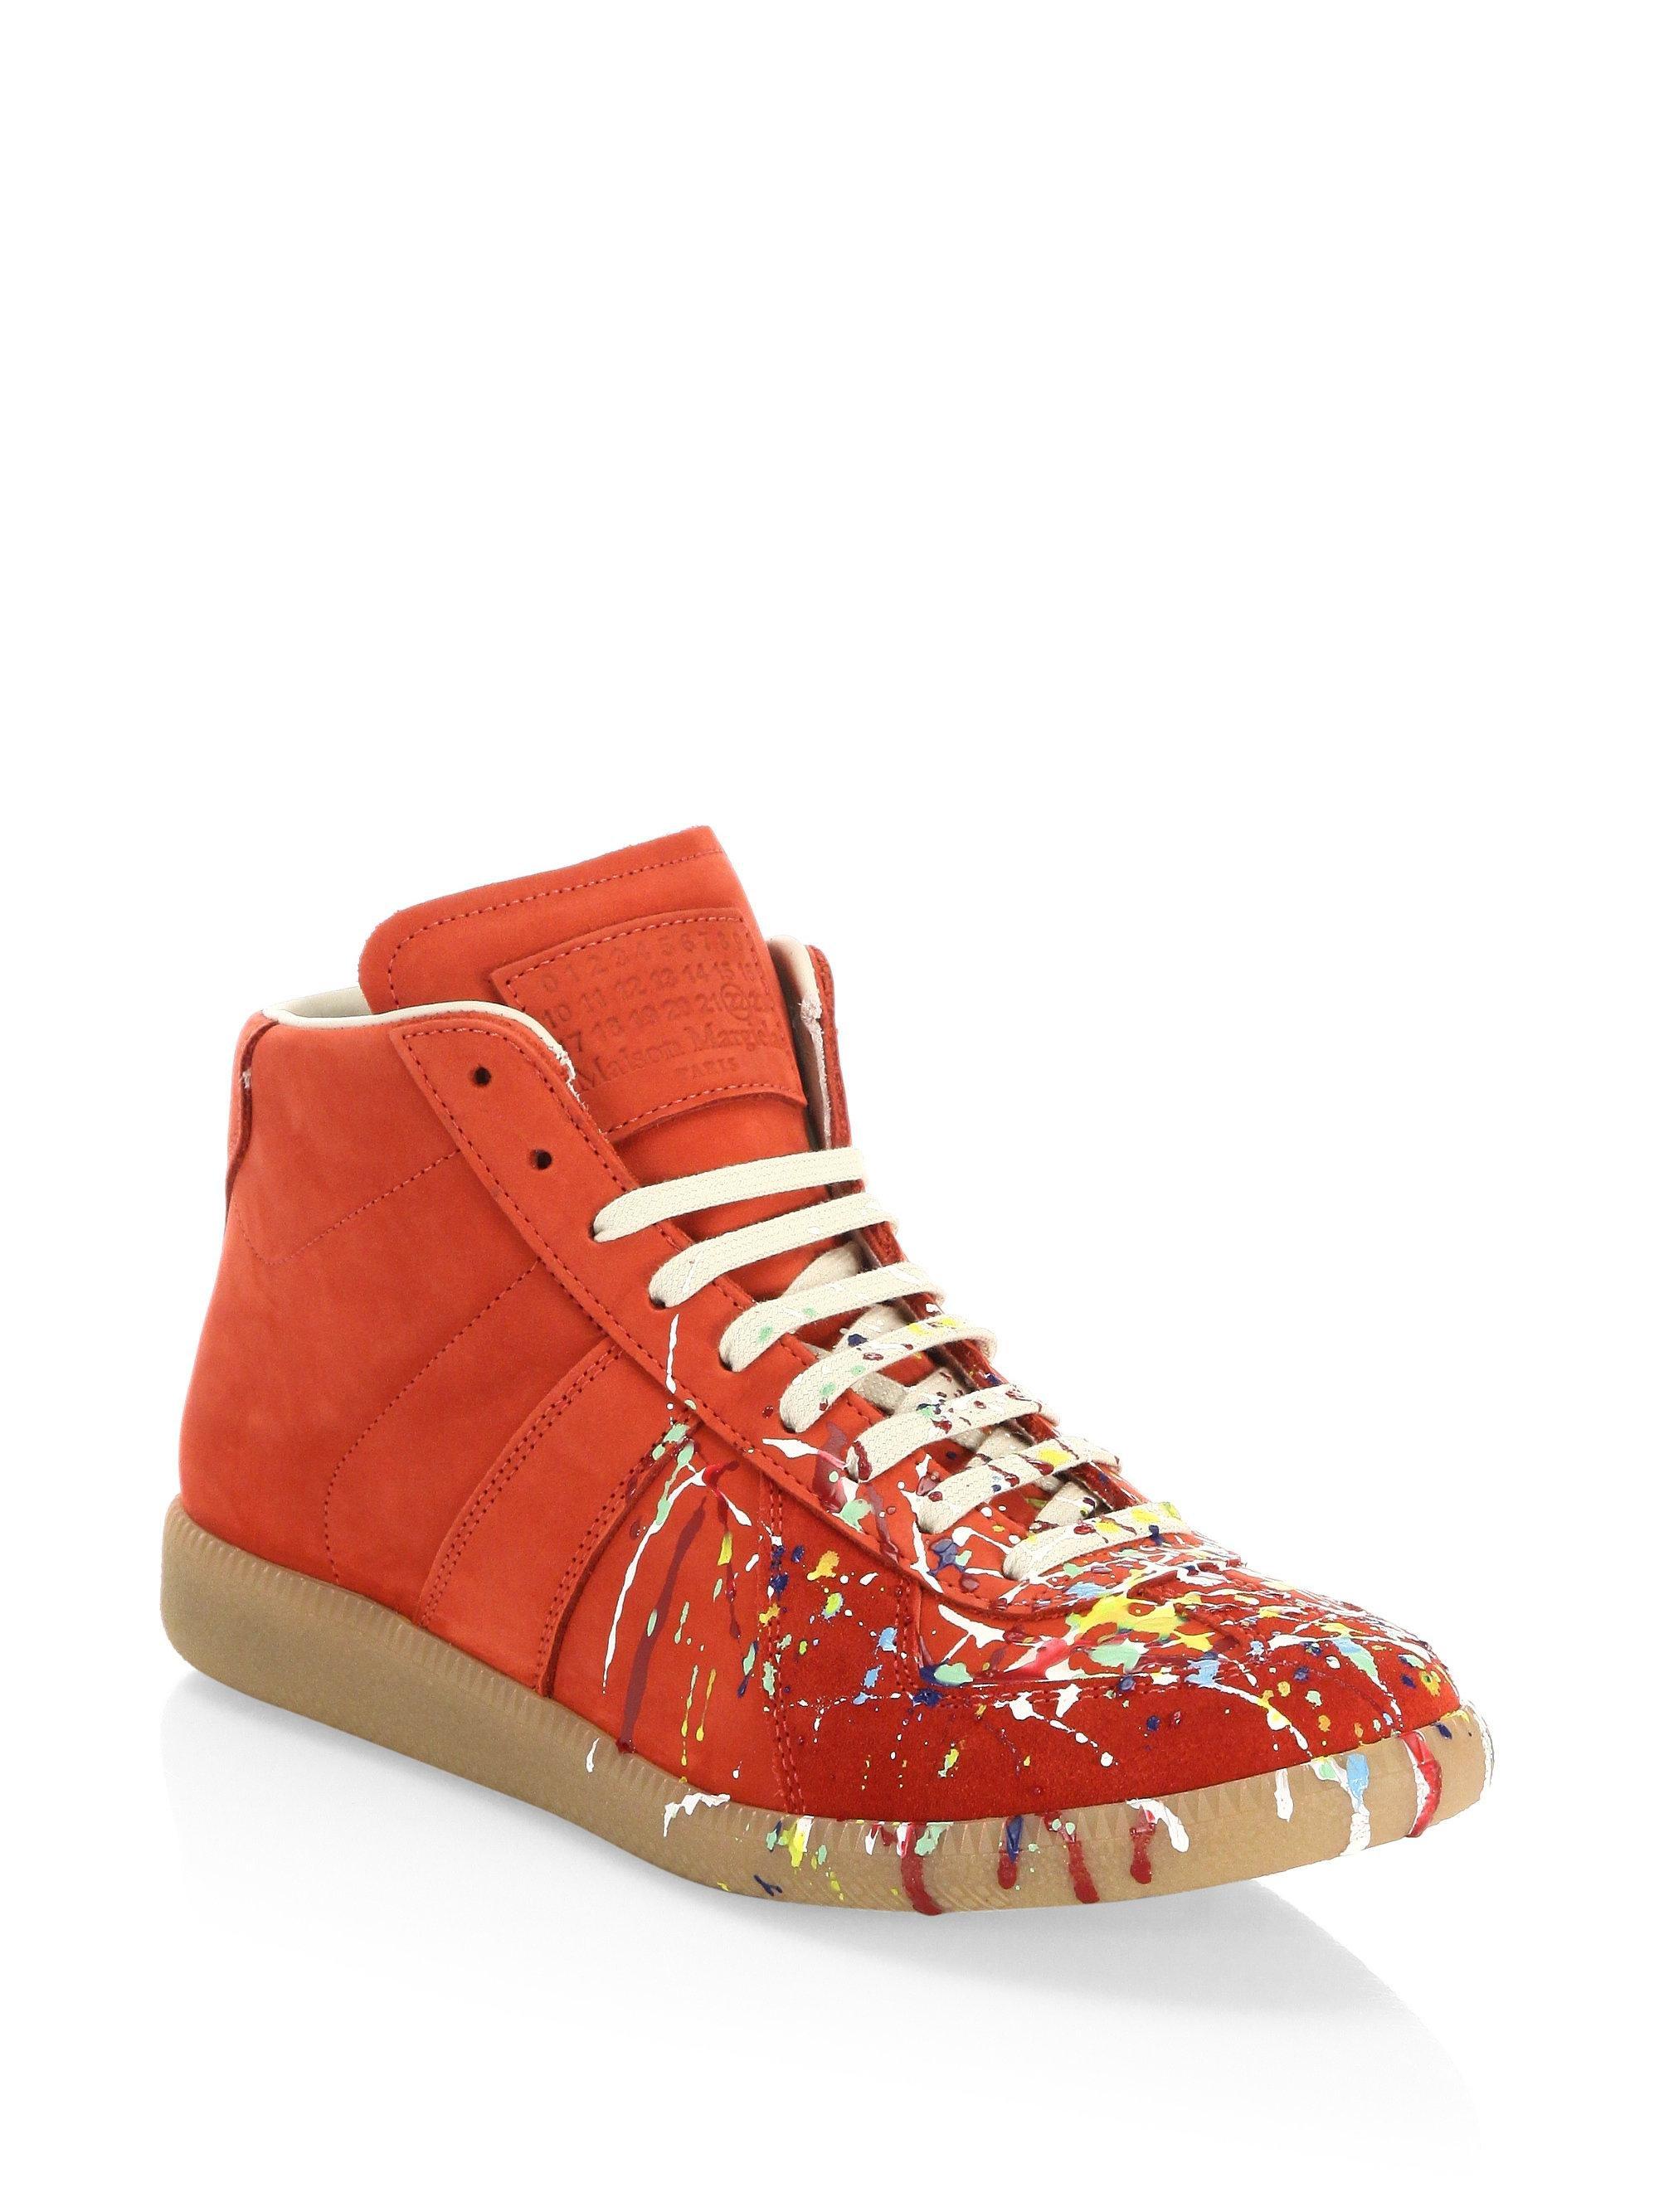 4d411d29d43a maison-martin-margiela-red-multi-Paint-Splatter-Replica-Sneakers.jpeg